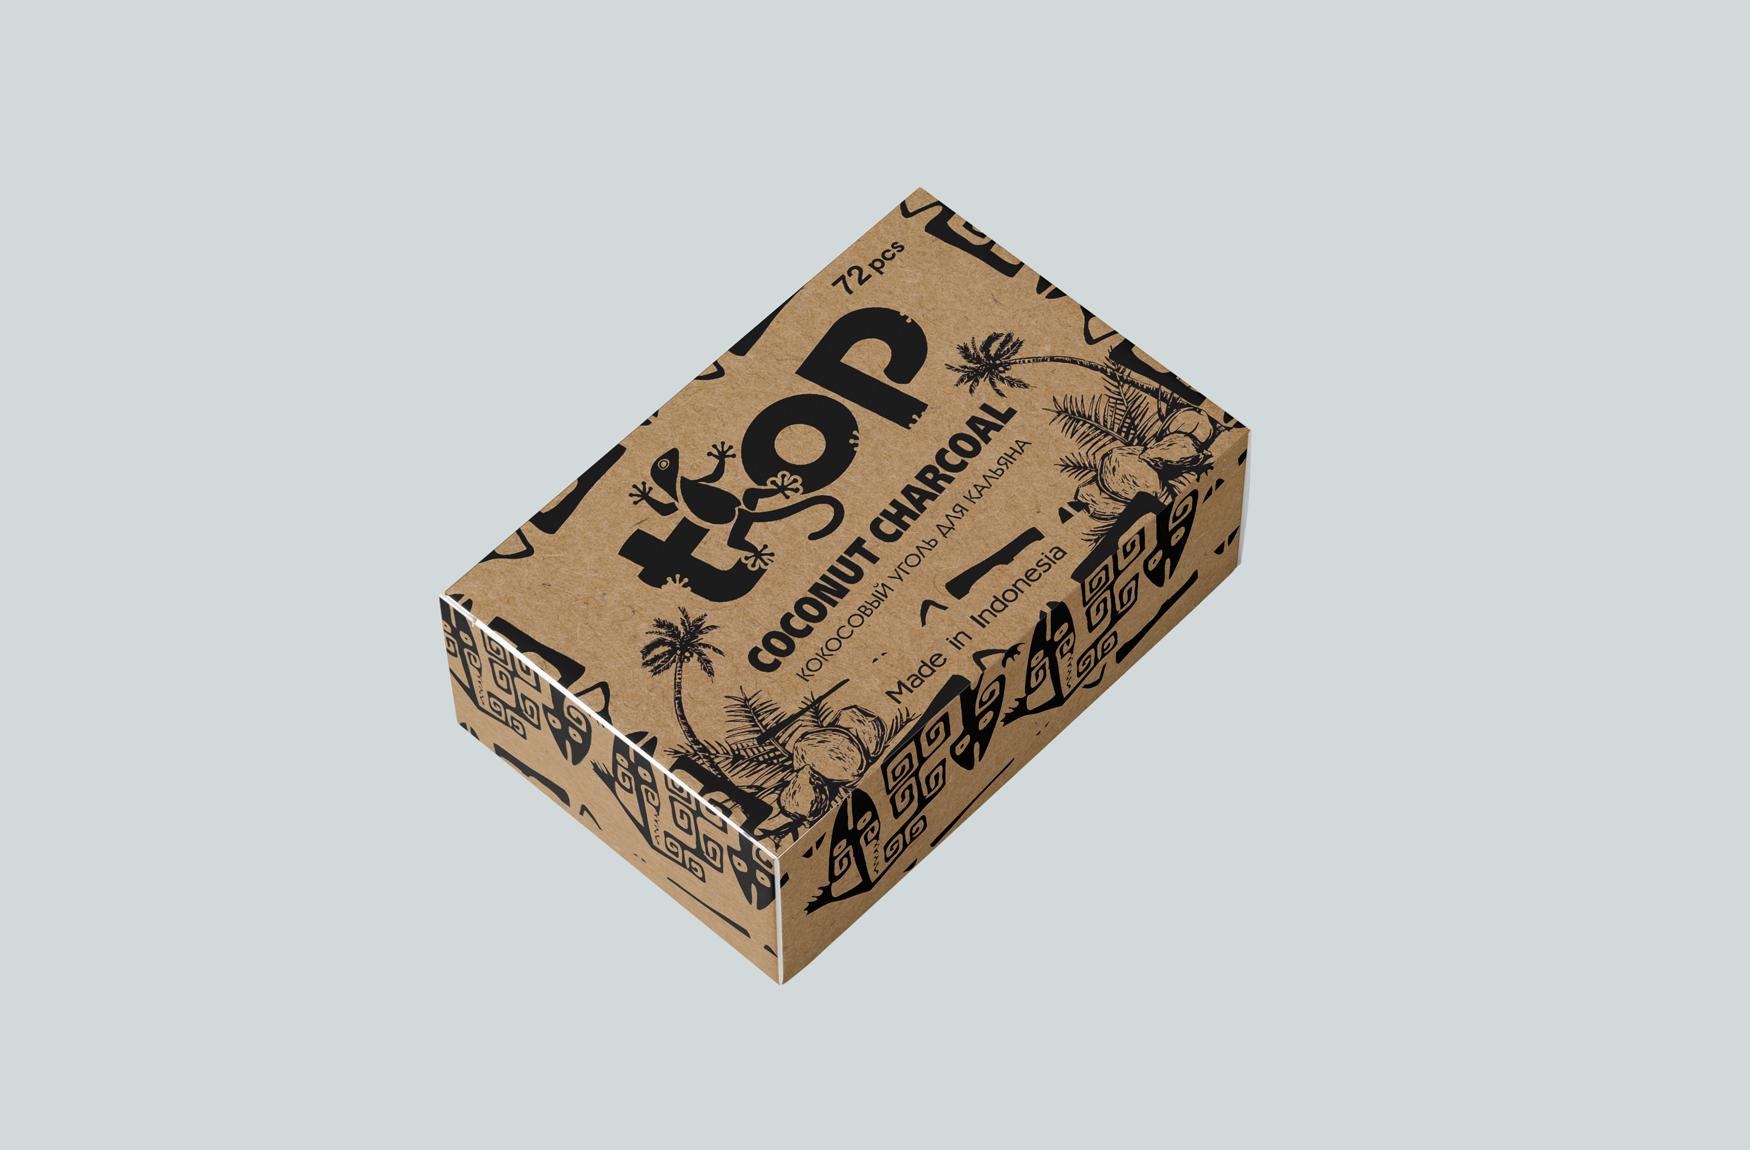 Разработка дизайна коробки, фирменного стиля, логотипа. фото f_2405c6579153550f.png